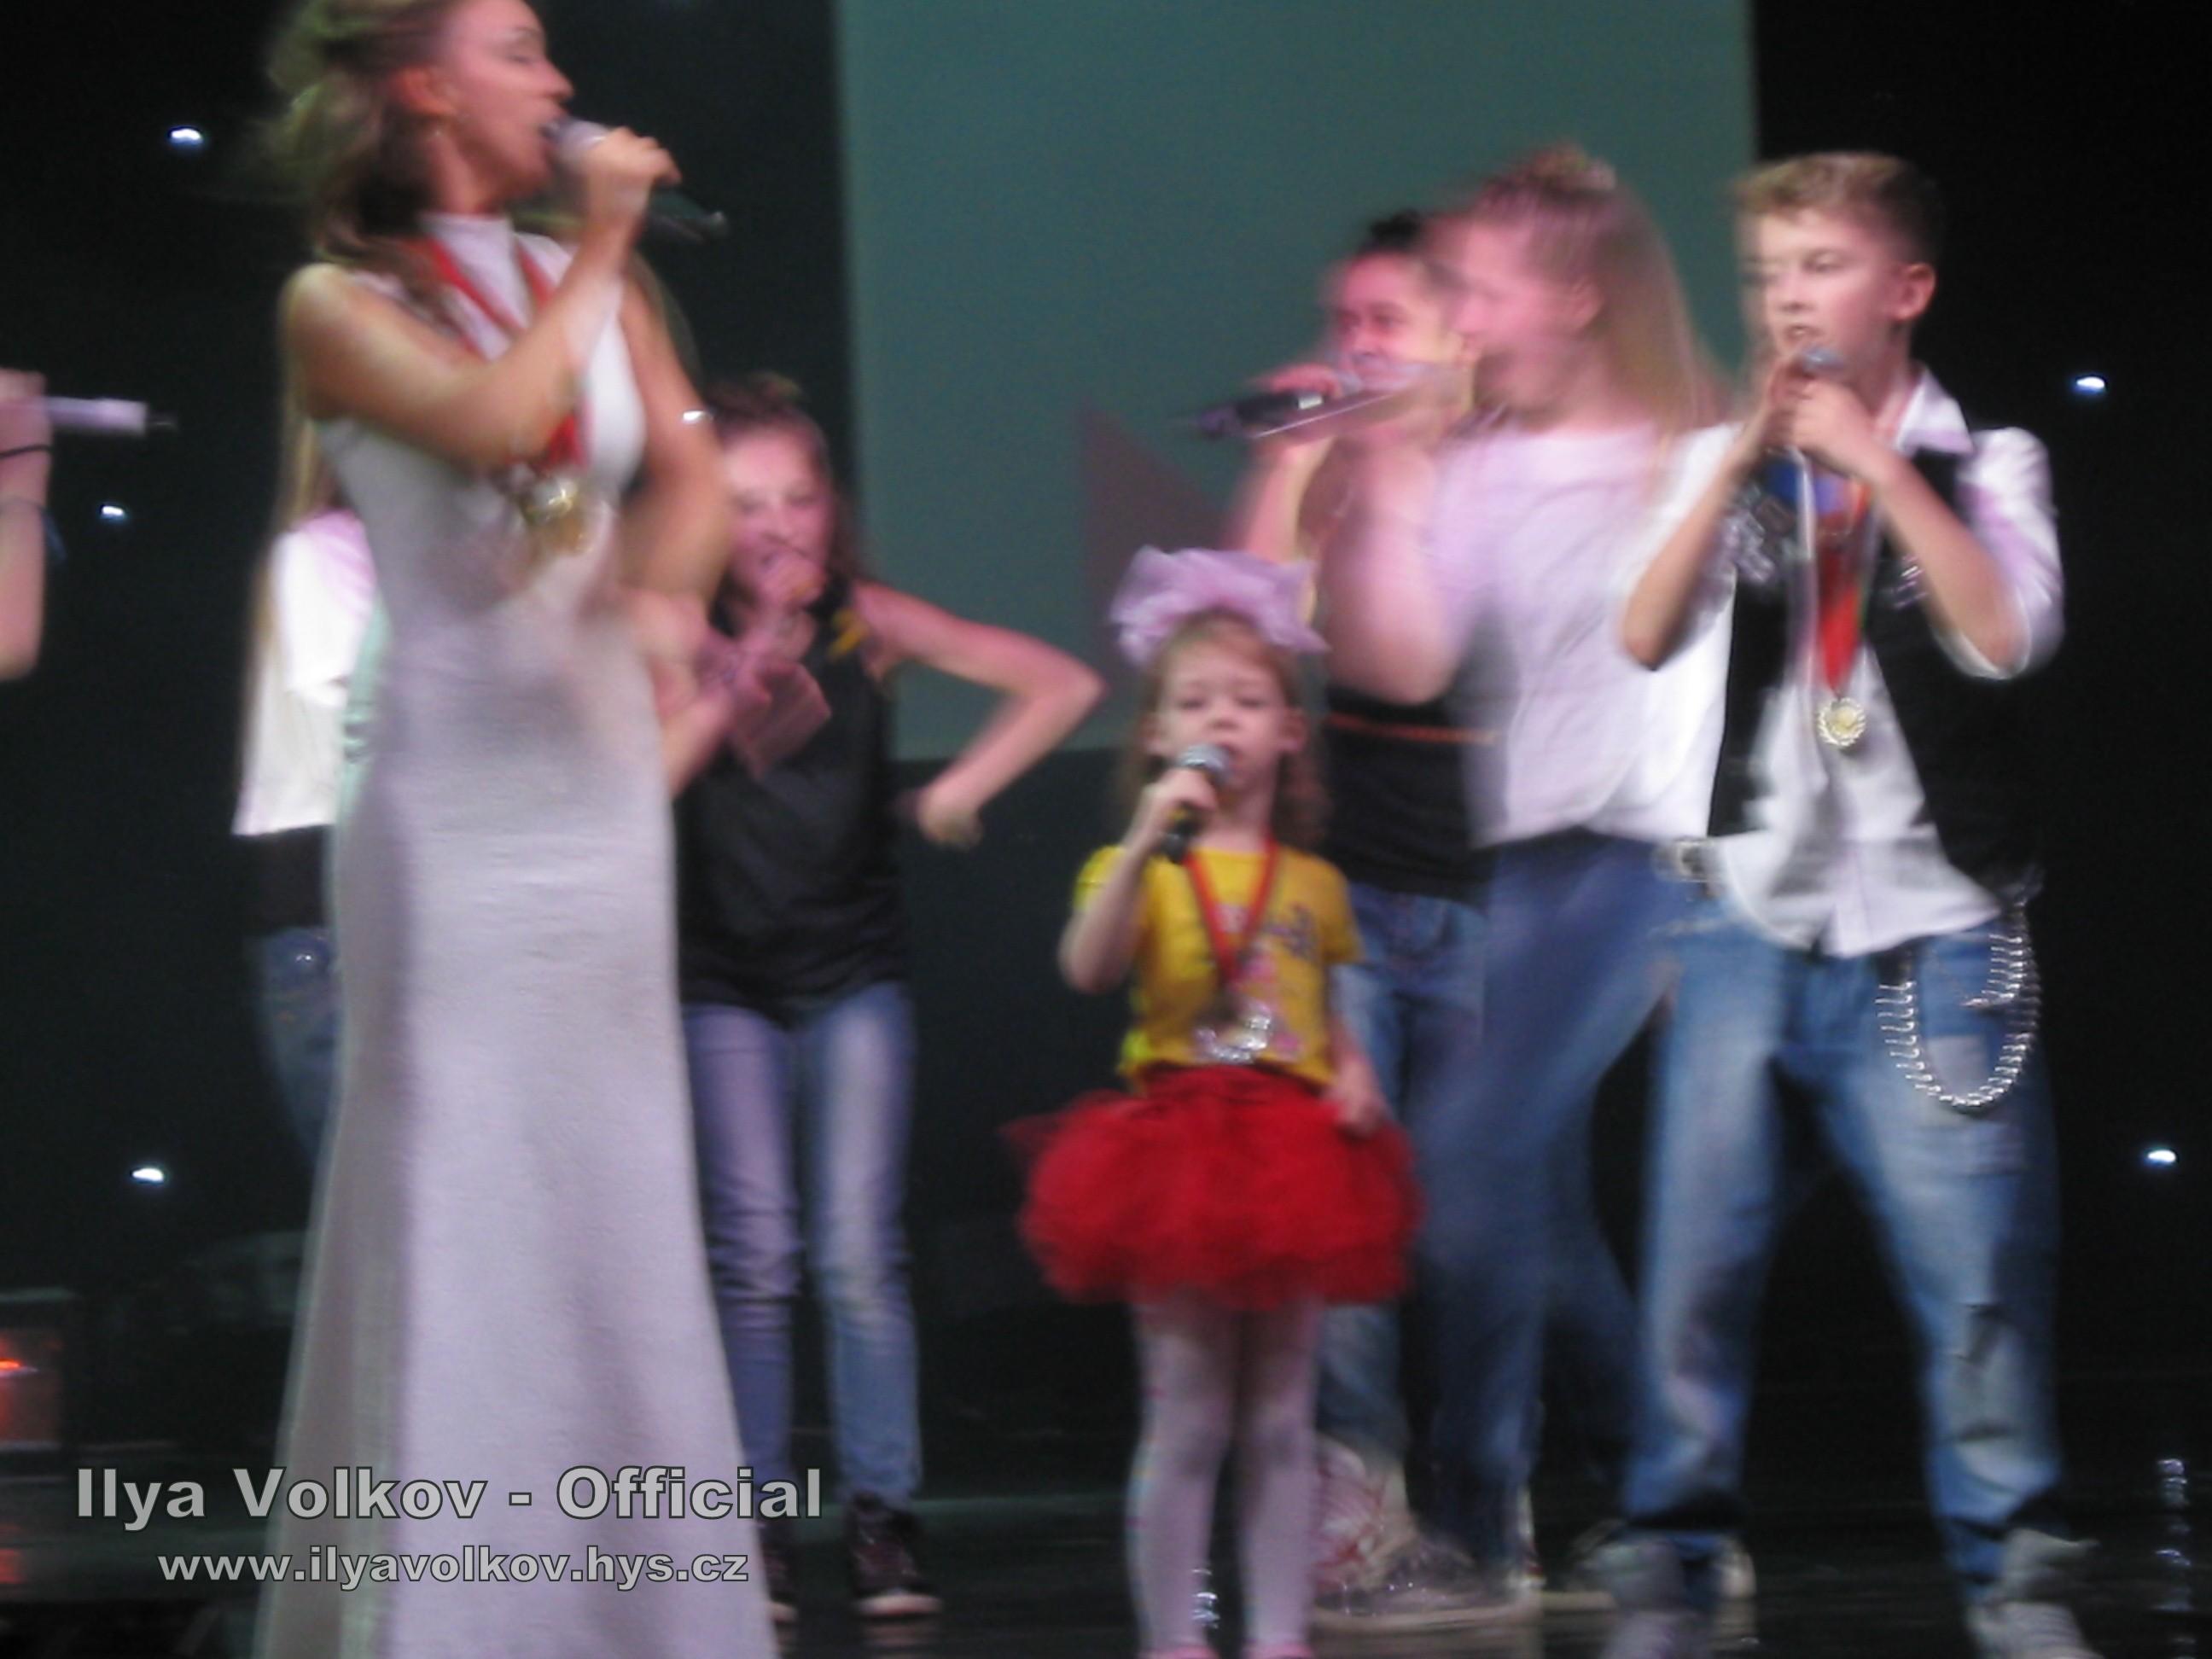 Ilya Volkov - Concert with JANET 2014  (7)